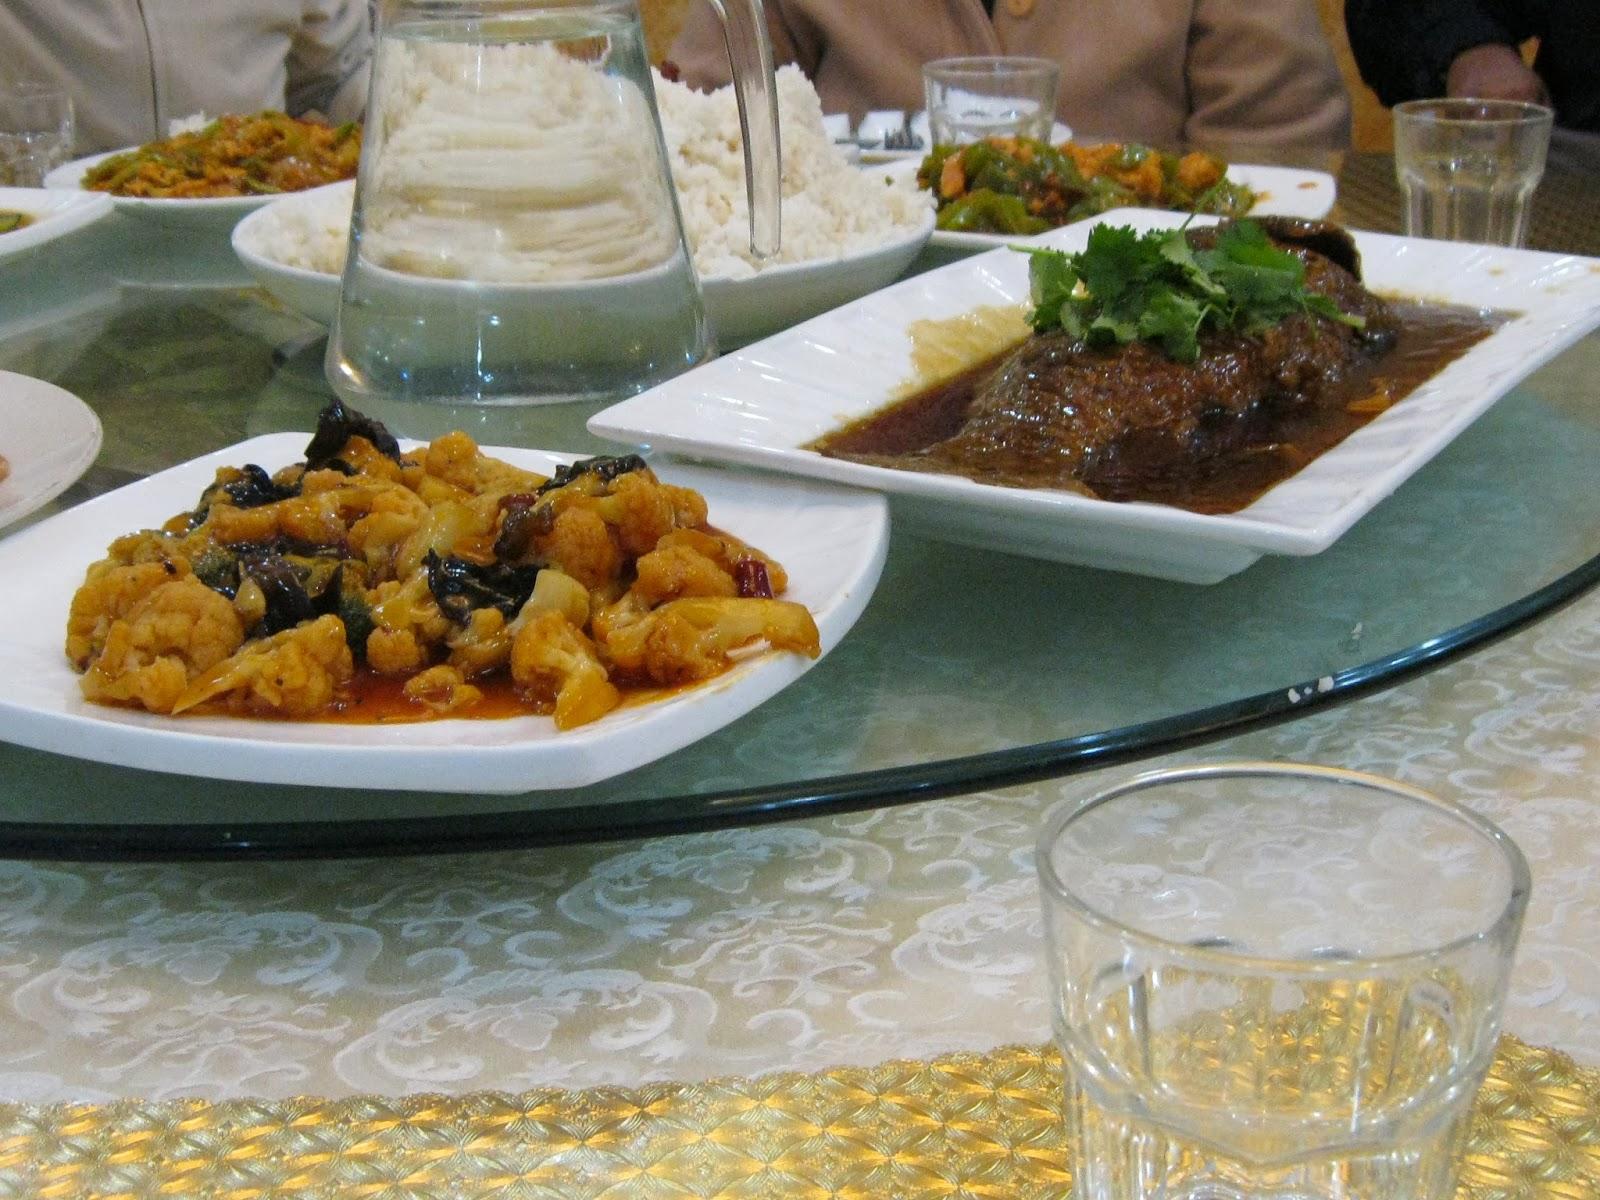 Tike Priatnakusumah Tetap Makan Nasi Putih dan Gorengan, Kok Bisa Bisa Turun 1 kg Dalam 4 Hari?